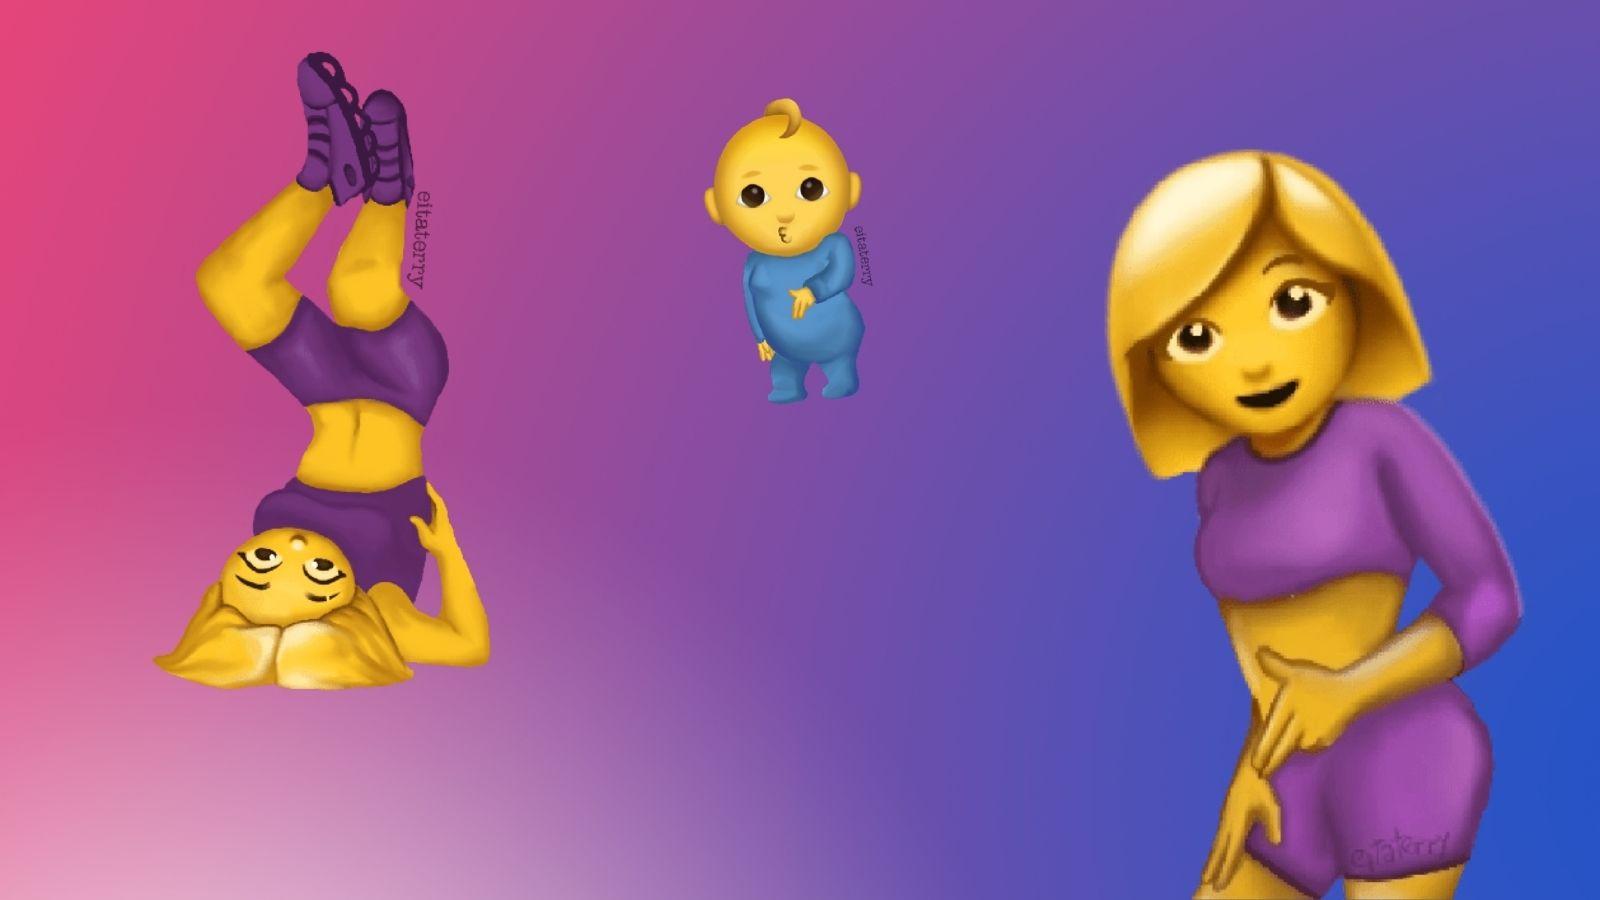 Montagem com figurinhas da pose de maloqueira